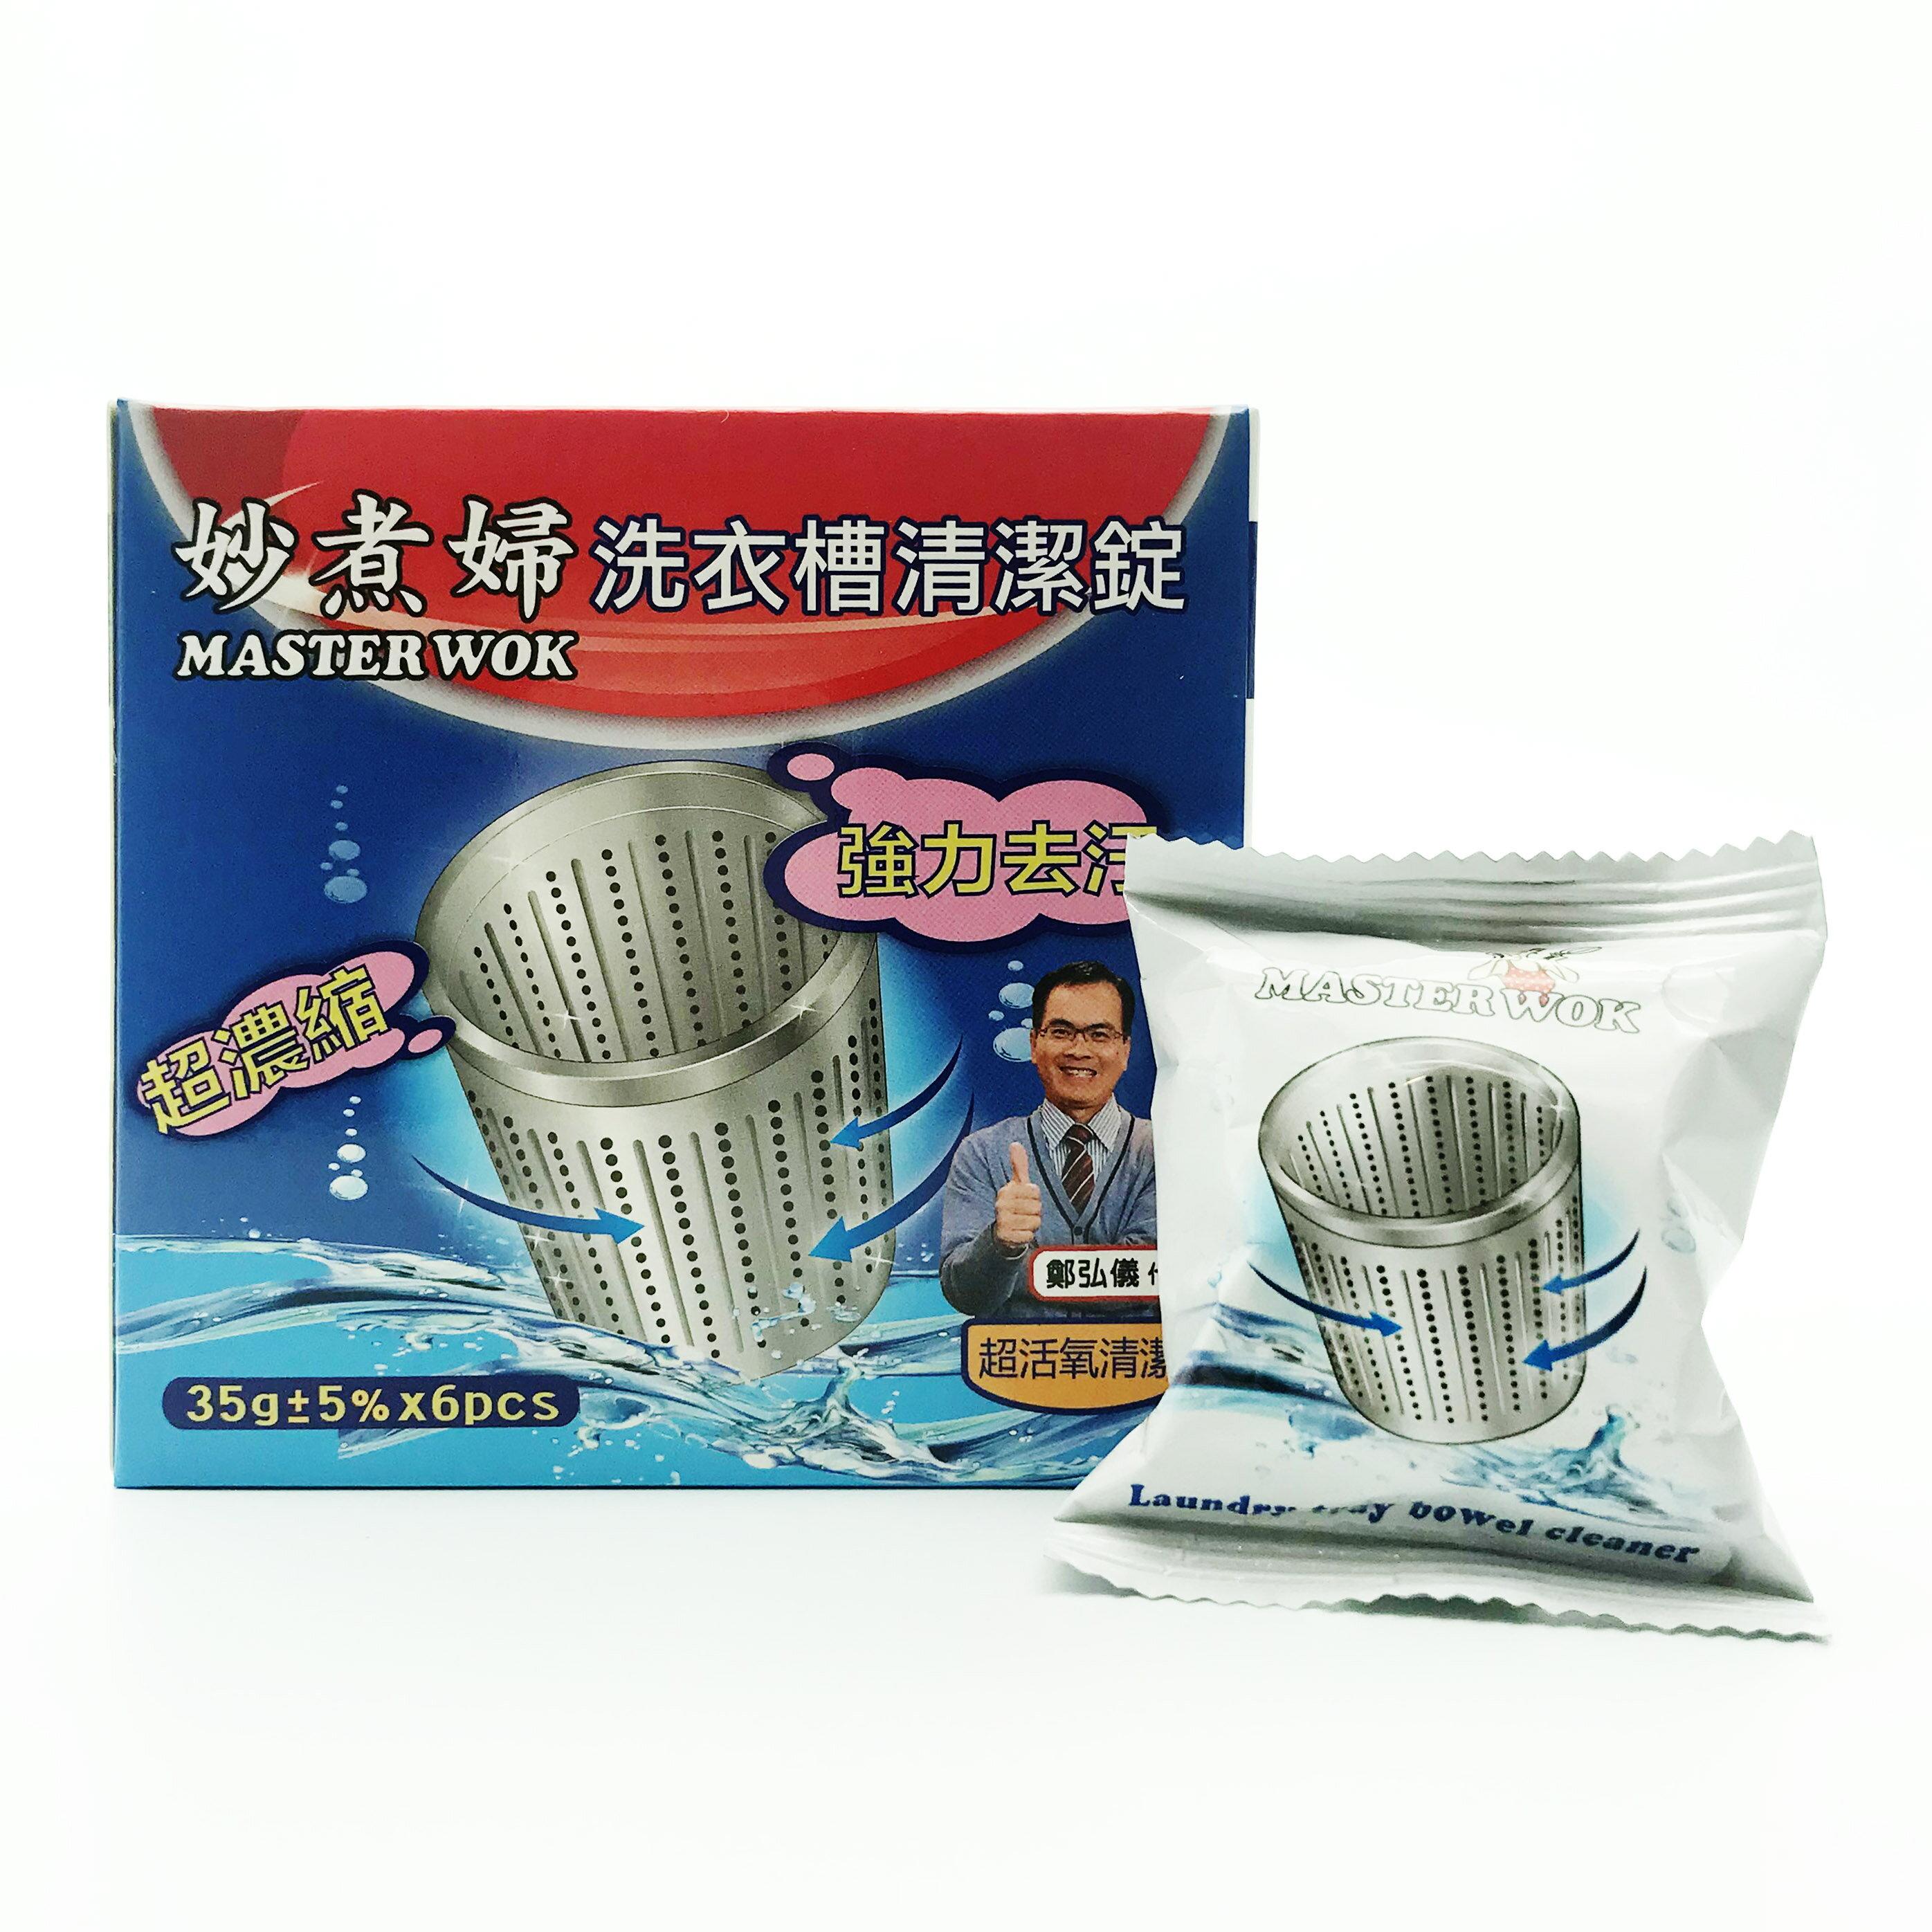 妙煮婦 洗衣槽清潔錠(6顆/盒)